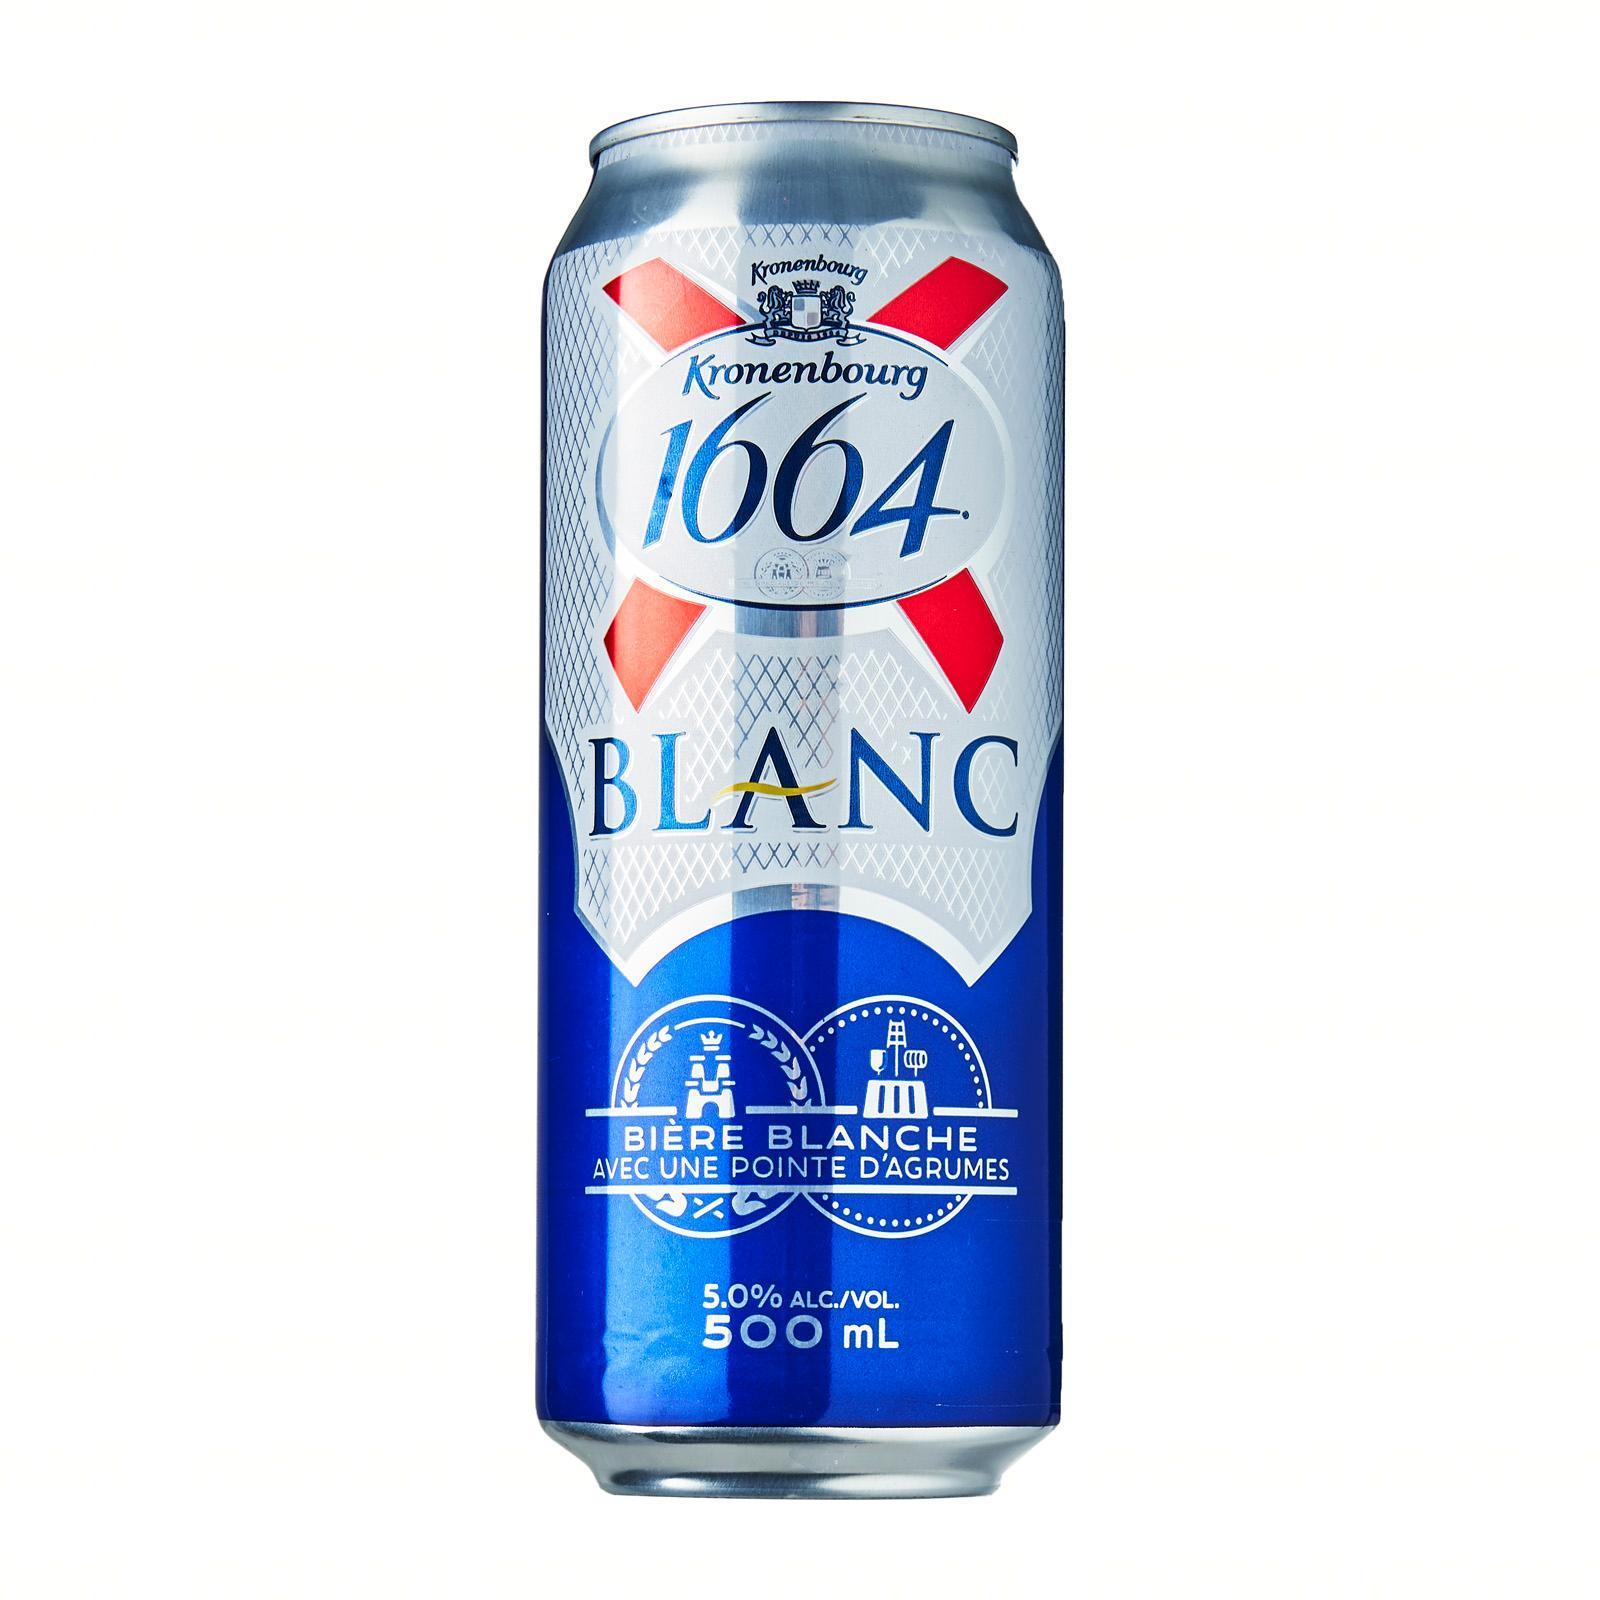 Kronenbourg 1664 Blanc Wheat Beer